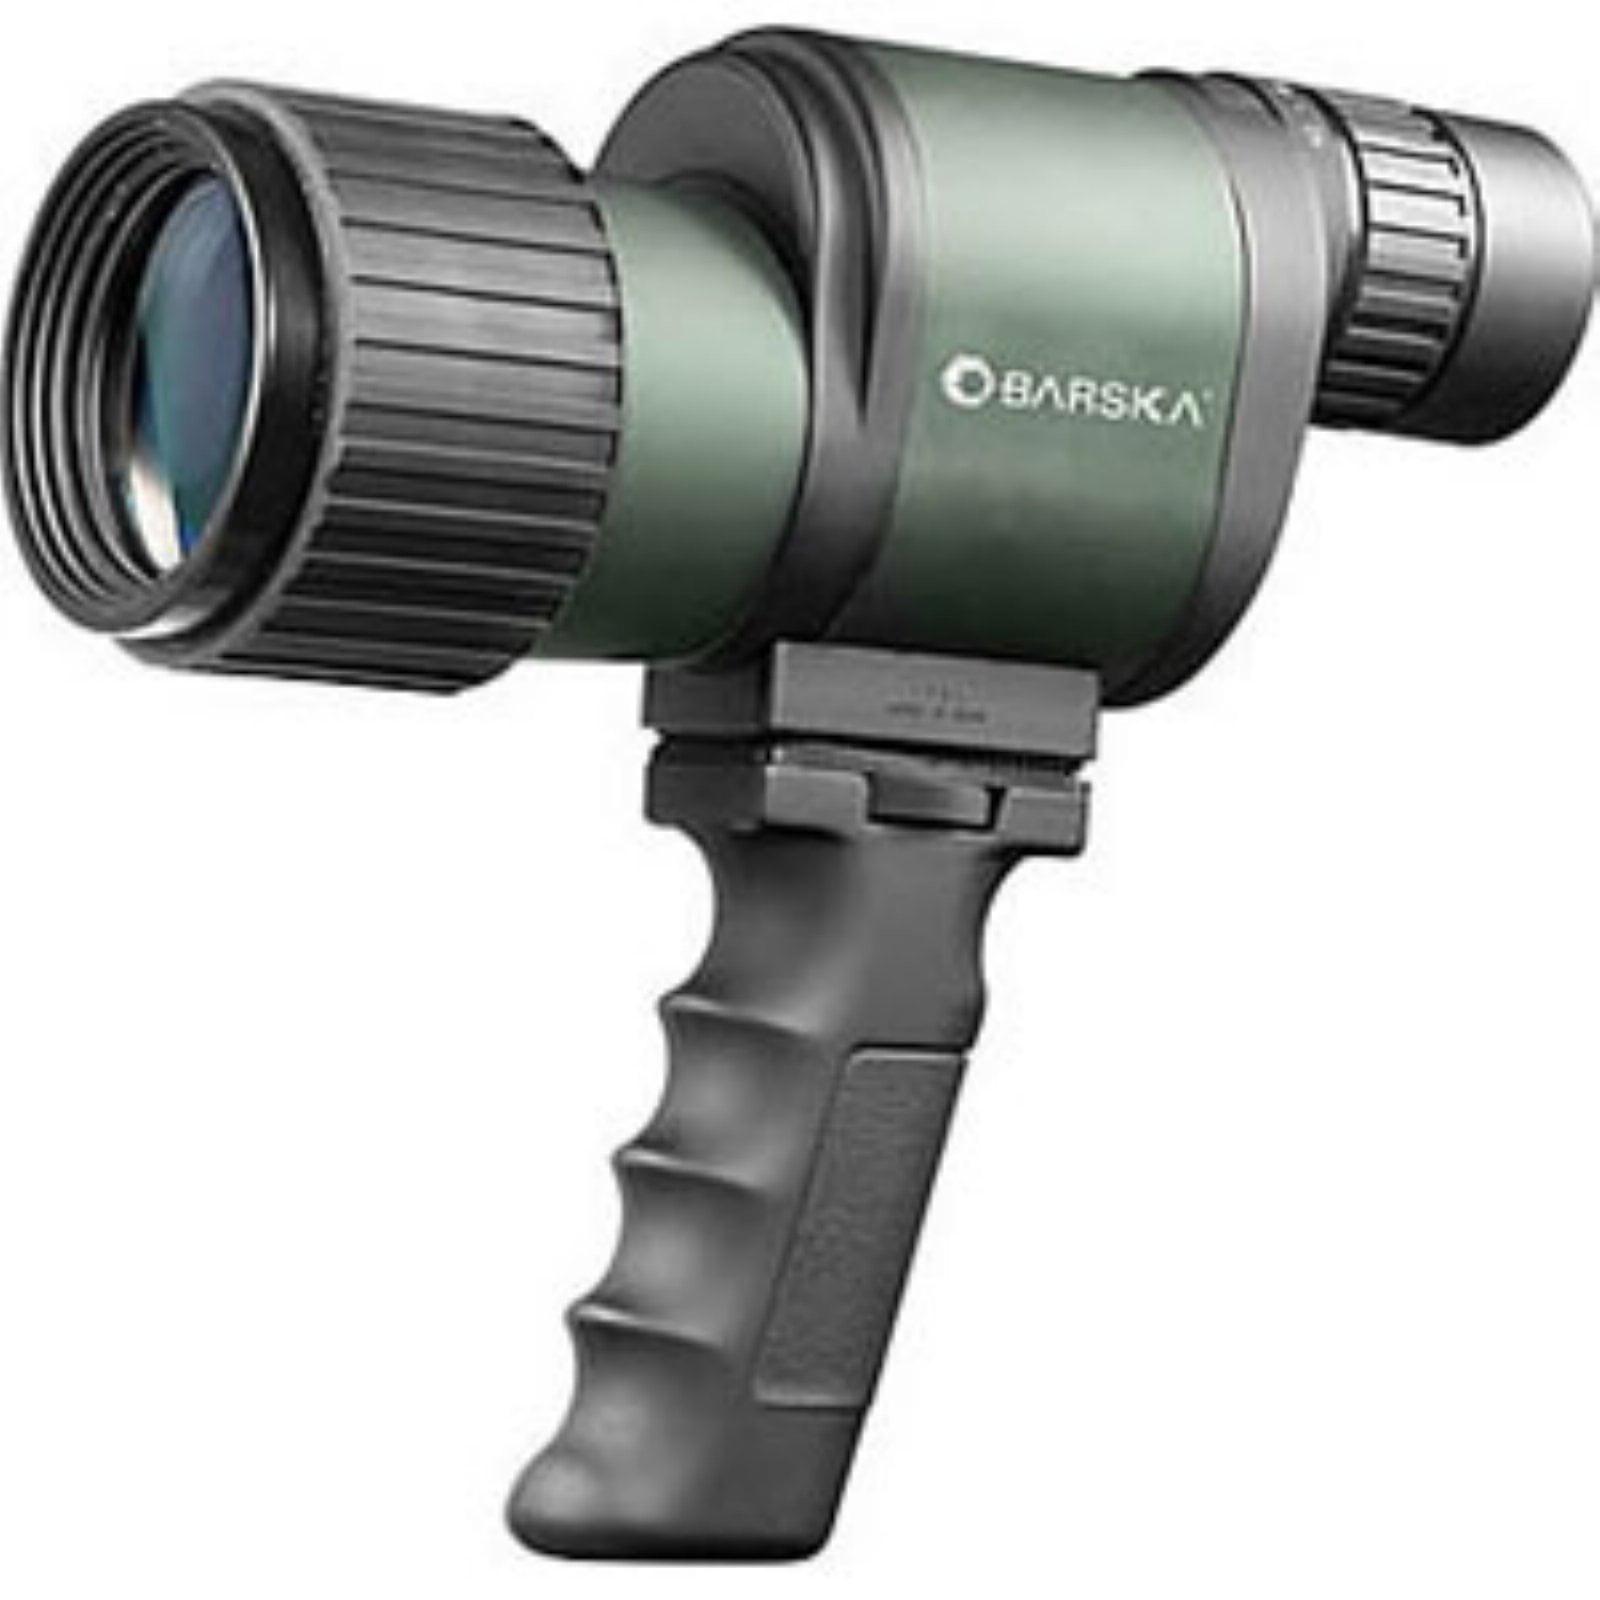 Barska 8-24x58 Benchmark DFS Waterproof Spotting Scope